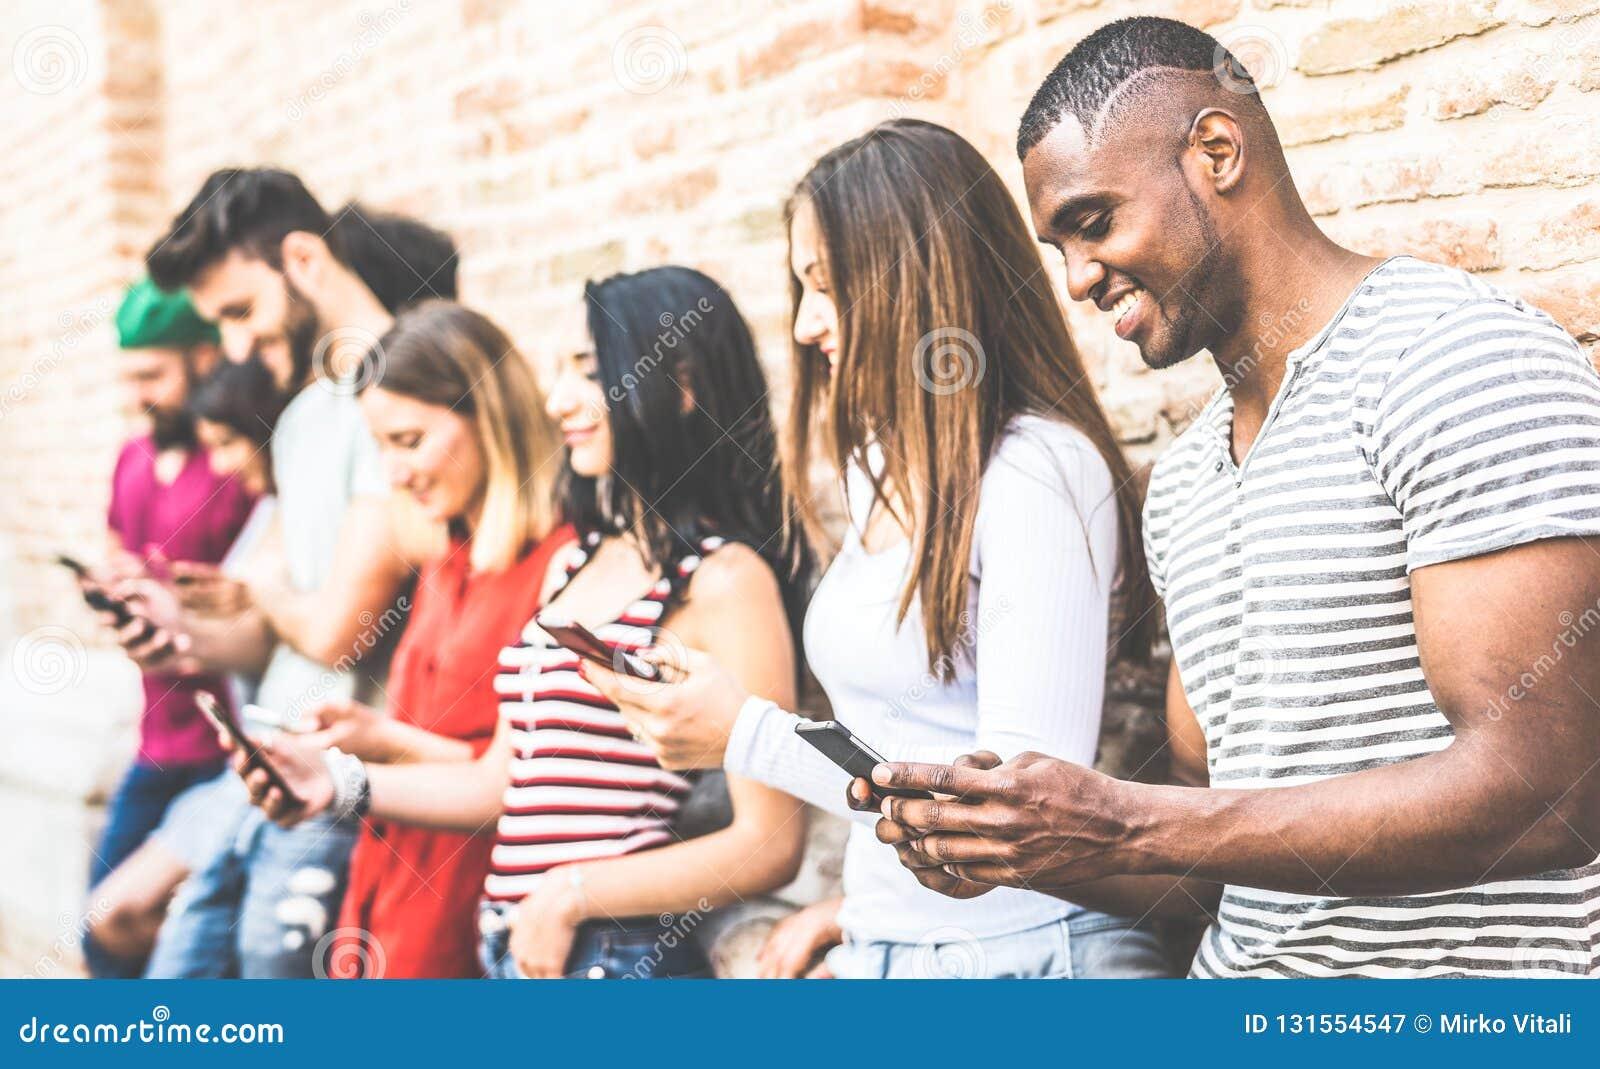 Grupo multirracial usando smartphone en la rotura de la Universidad - gente de los amigos de Millenial enviciada por los teléfono